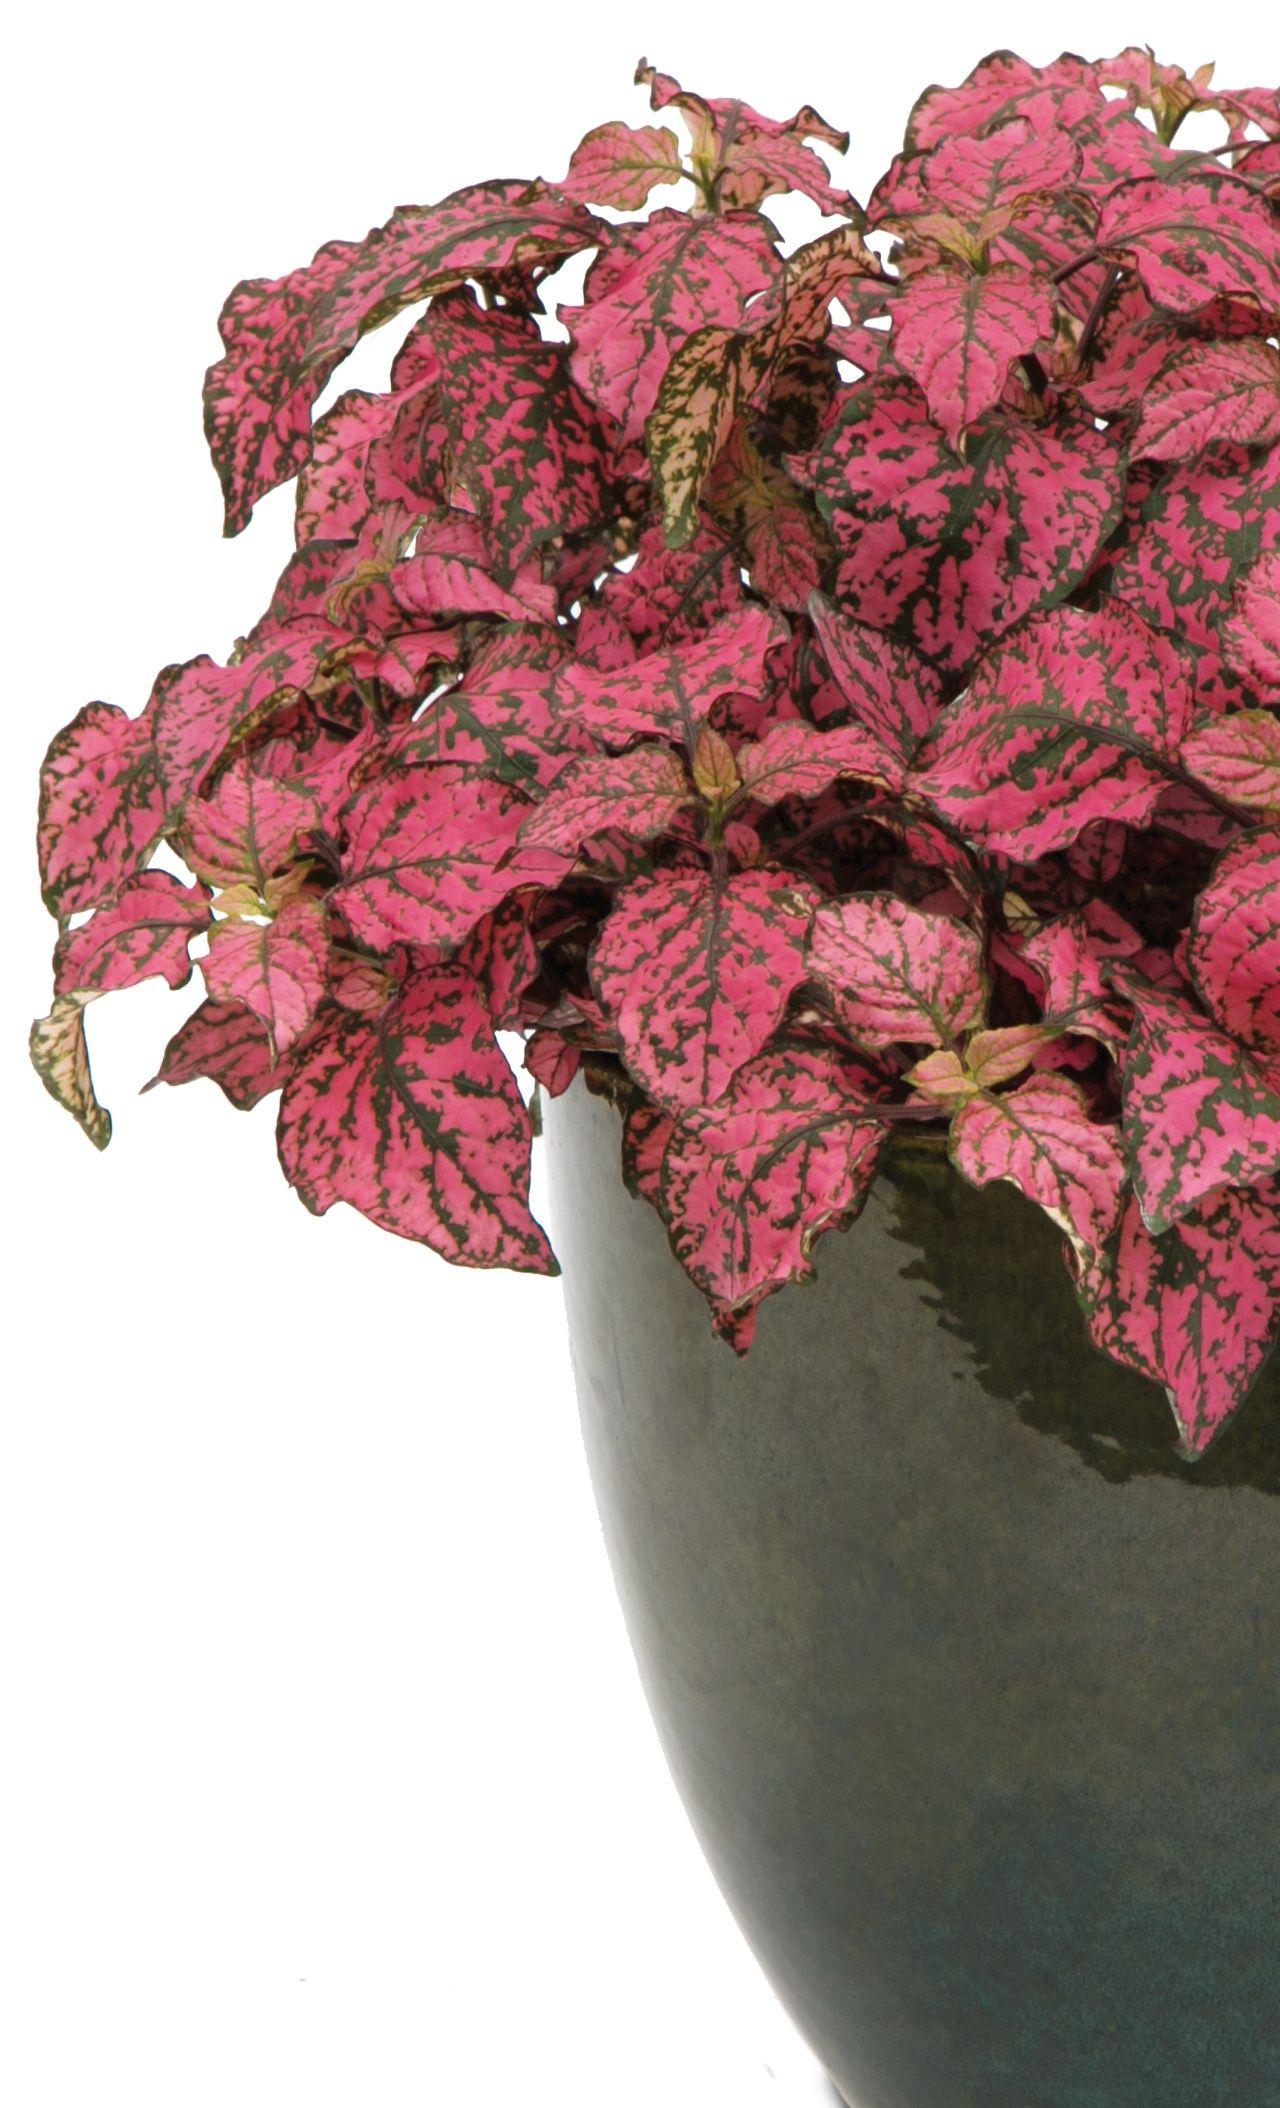 Hippo® Rose Polka Dot Plant Hypoestes phyllostachya